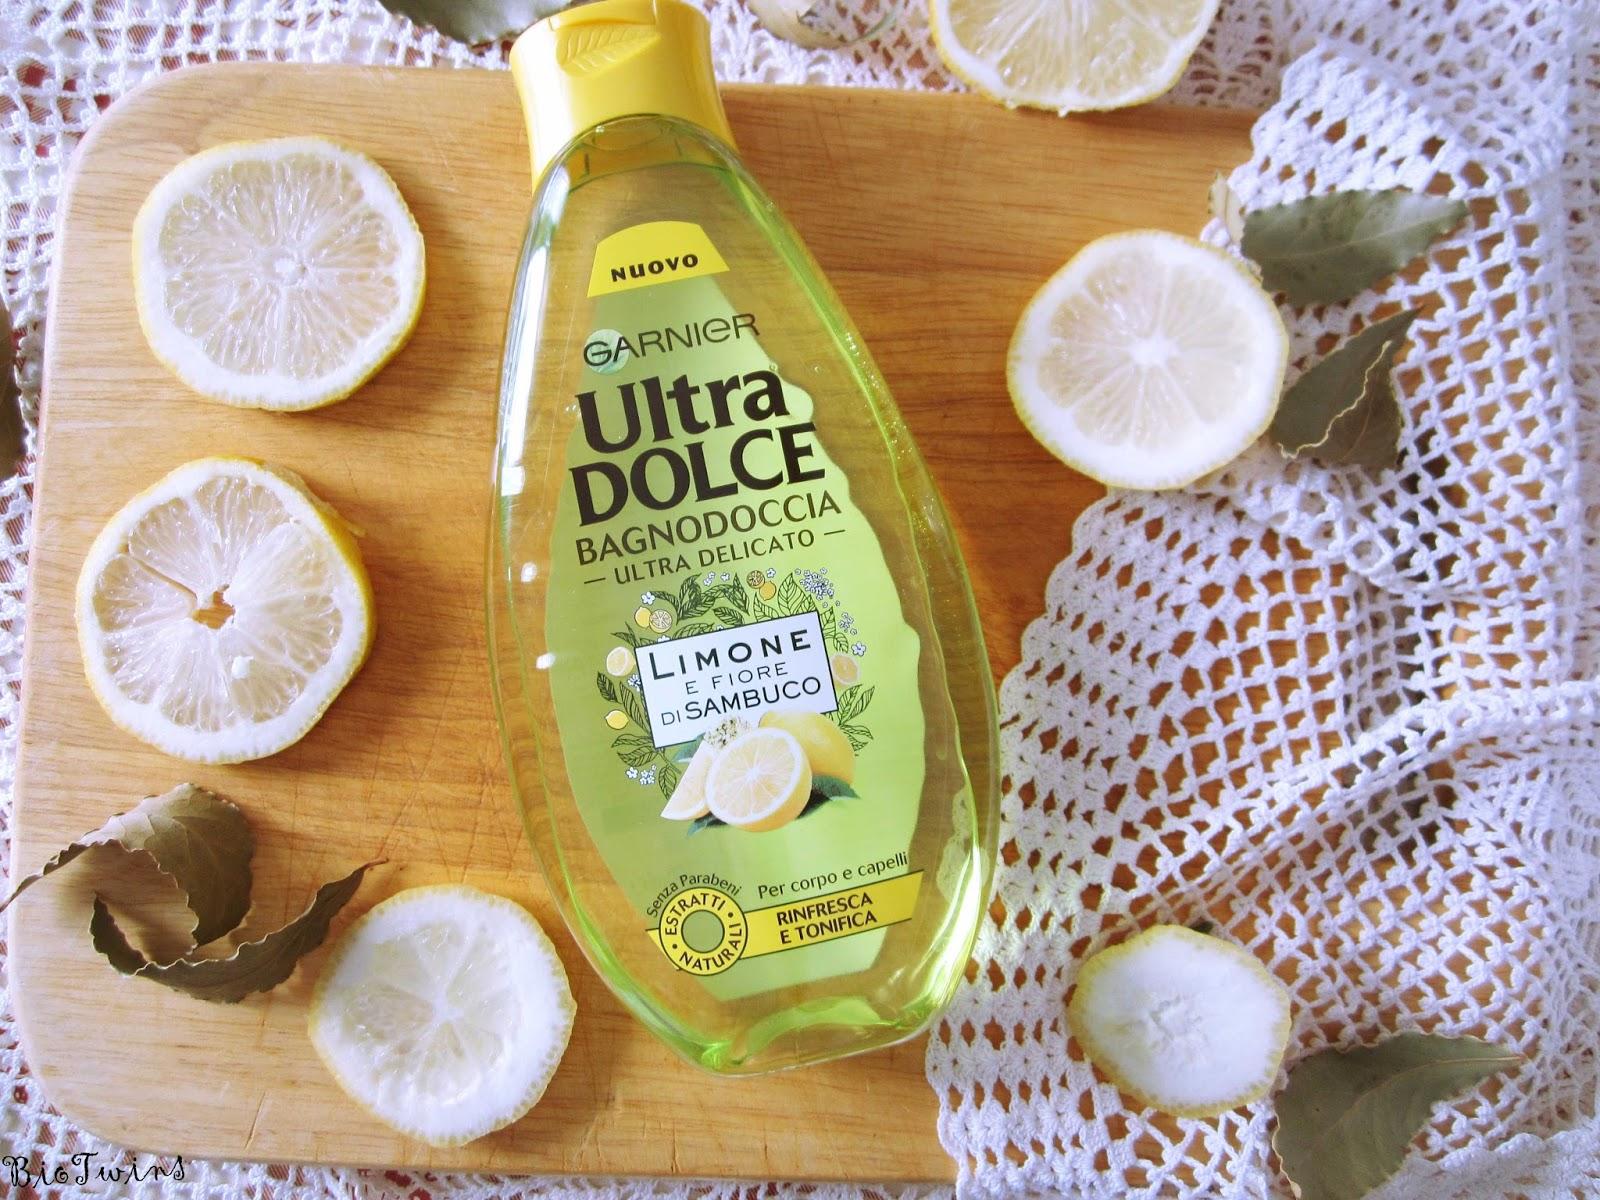 Bagno Doccia Neutro : Bagnodoccia ultra dolce limone e fiore di sambuco garnier biotwins